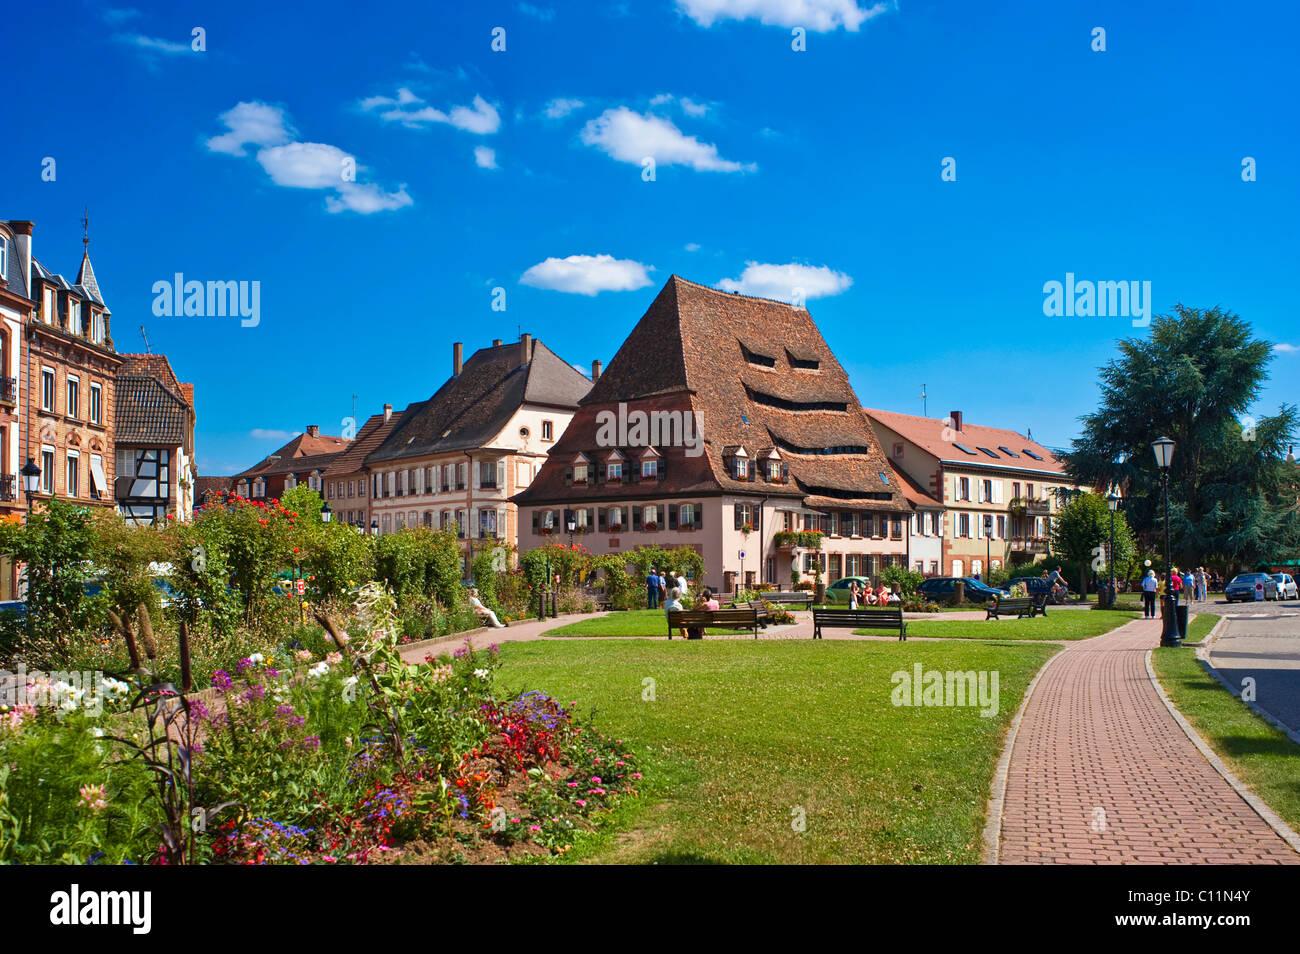 Place du Saumon square with Maison du Sel salt house, Wissembourg, Vosges du Nord nature park, Vosges mountains, - Stock Image